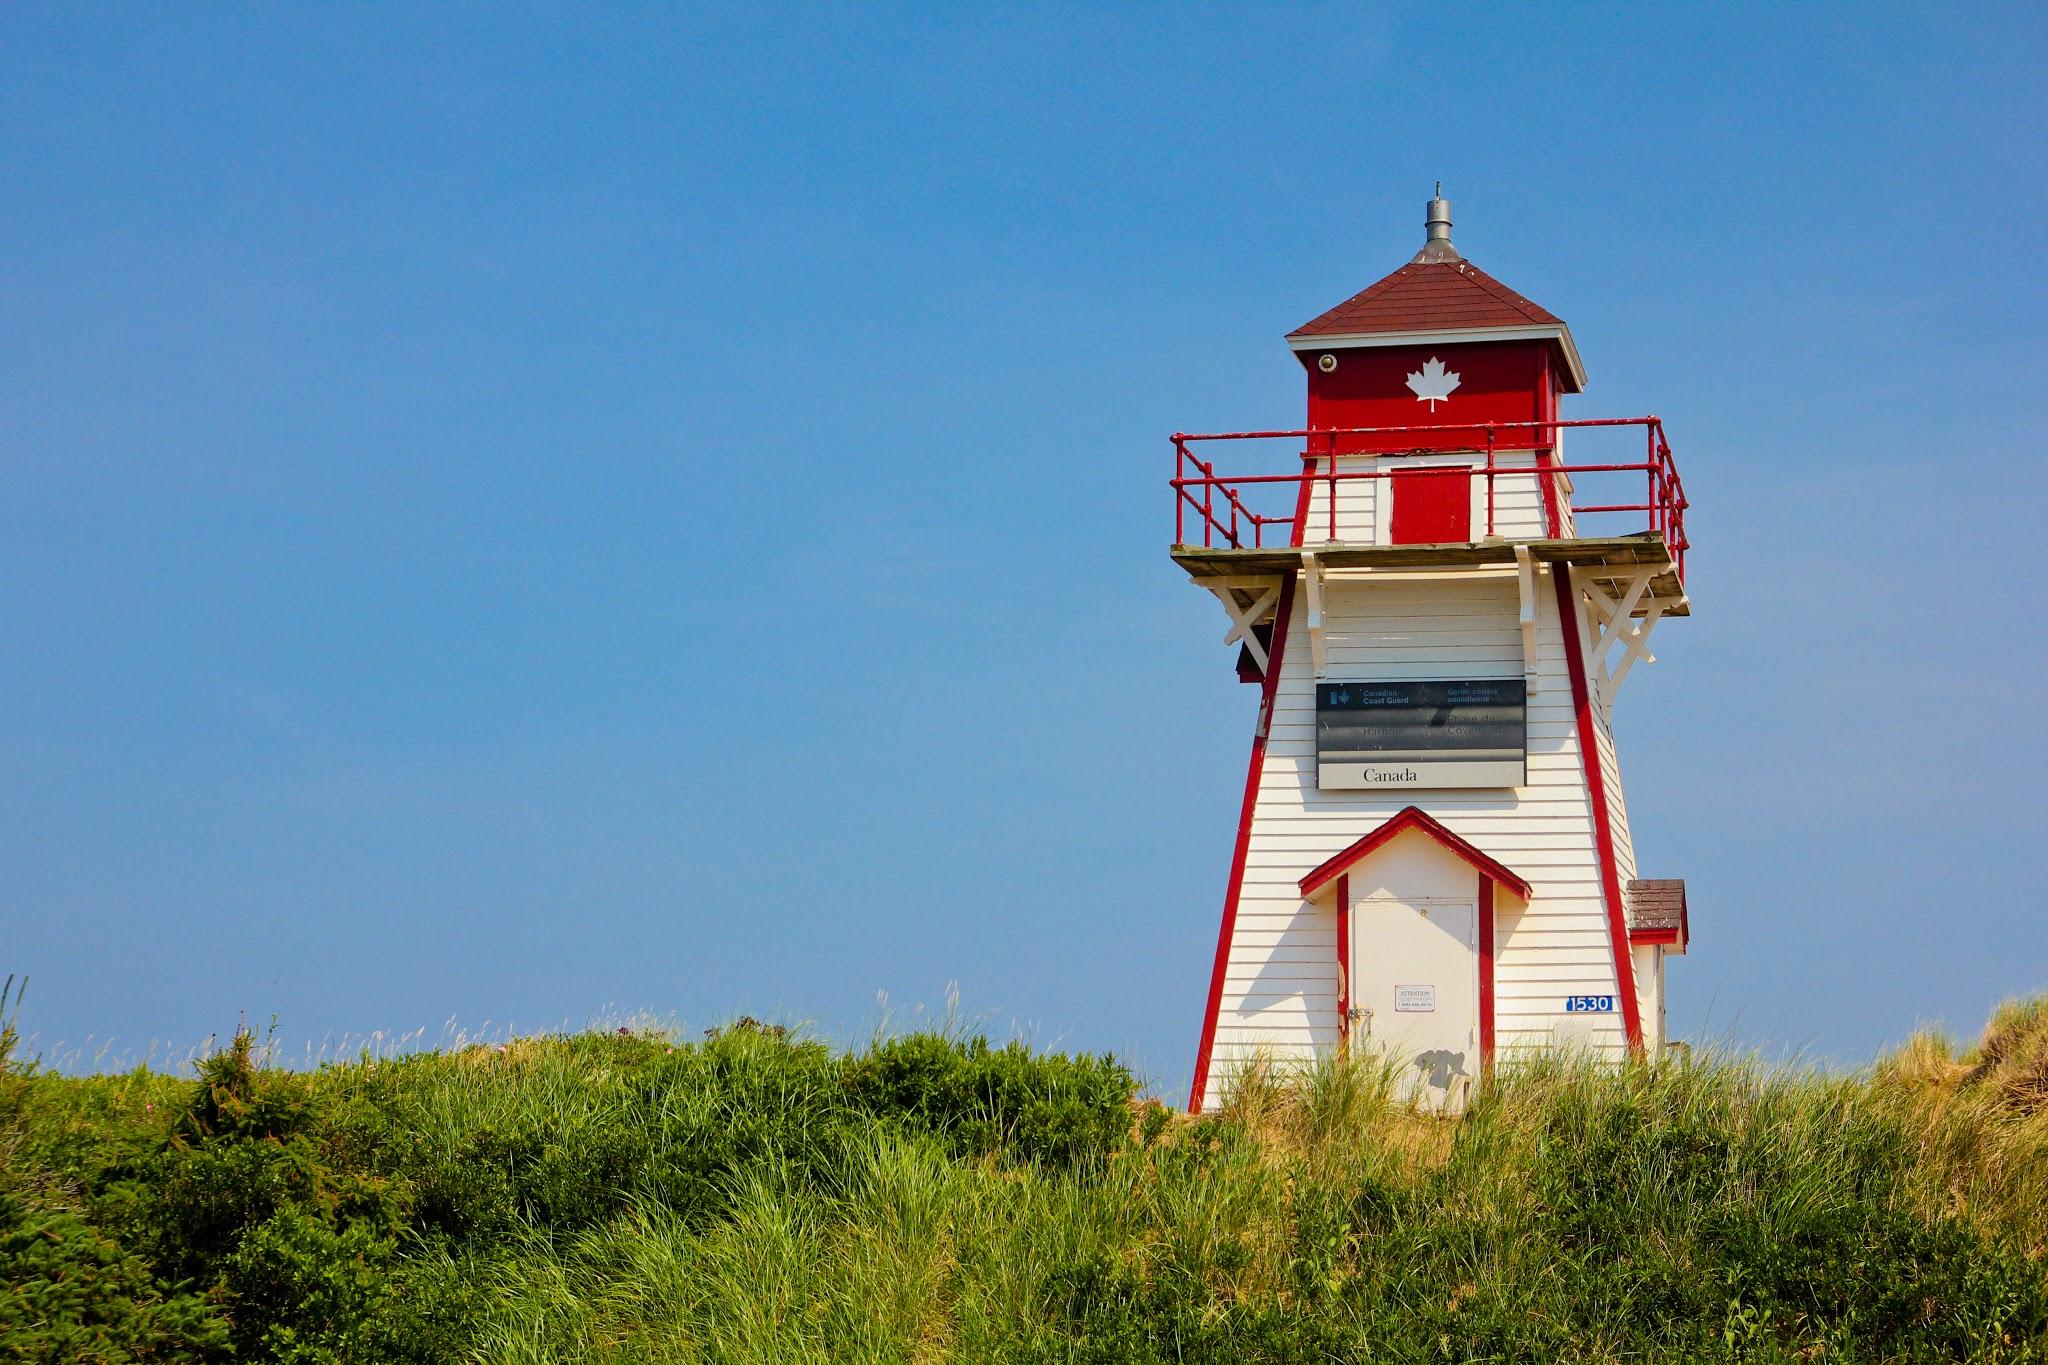 Road Trip: Maine to Nova Scotia